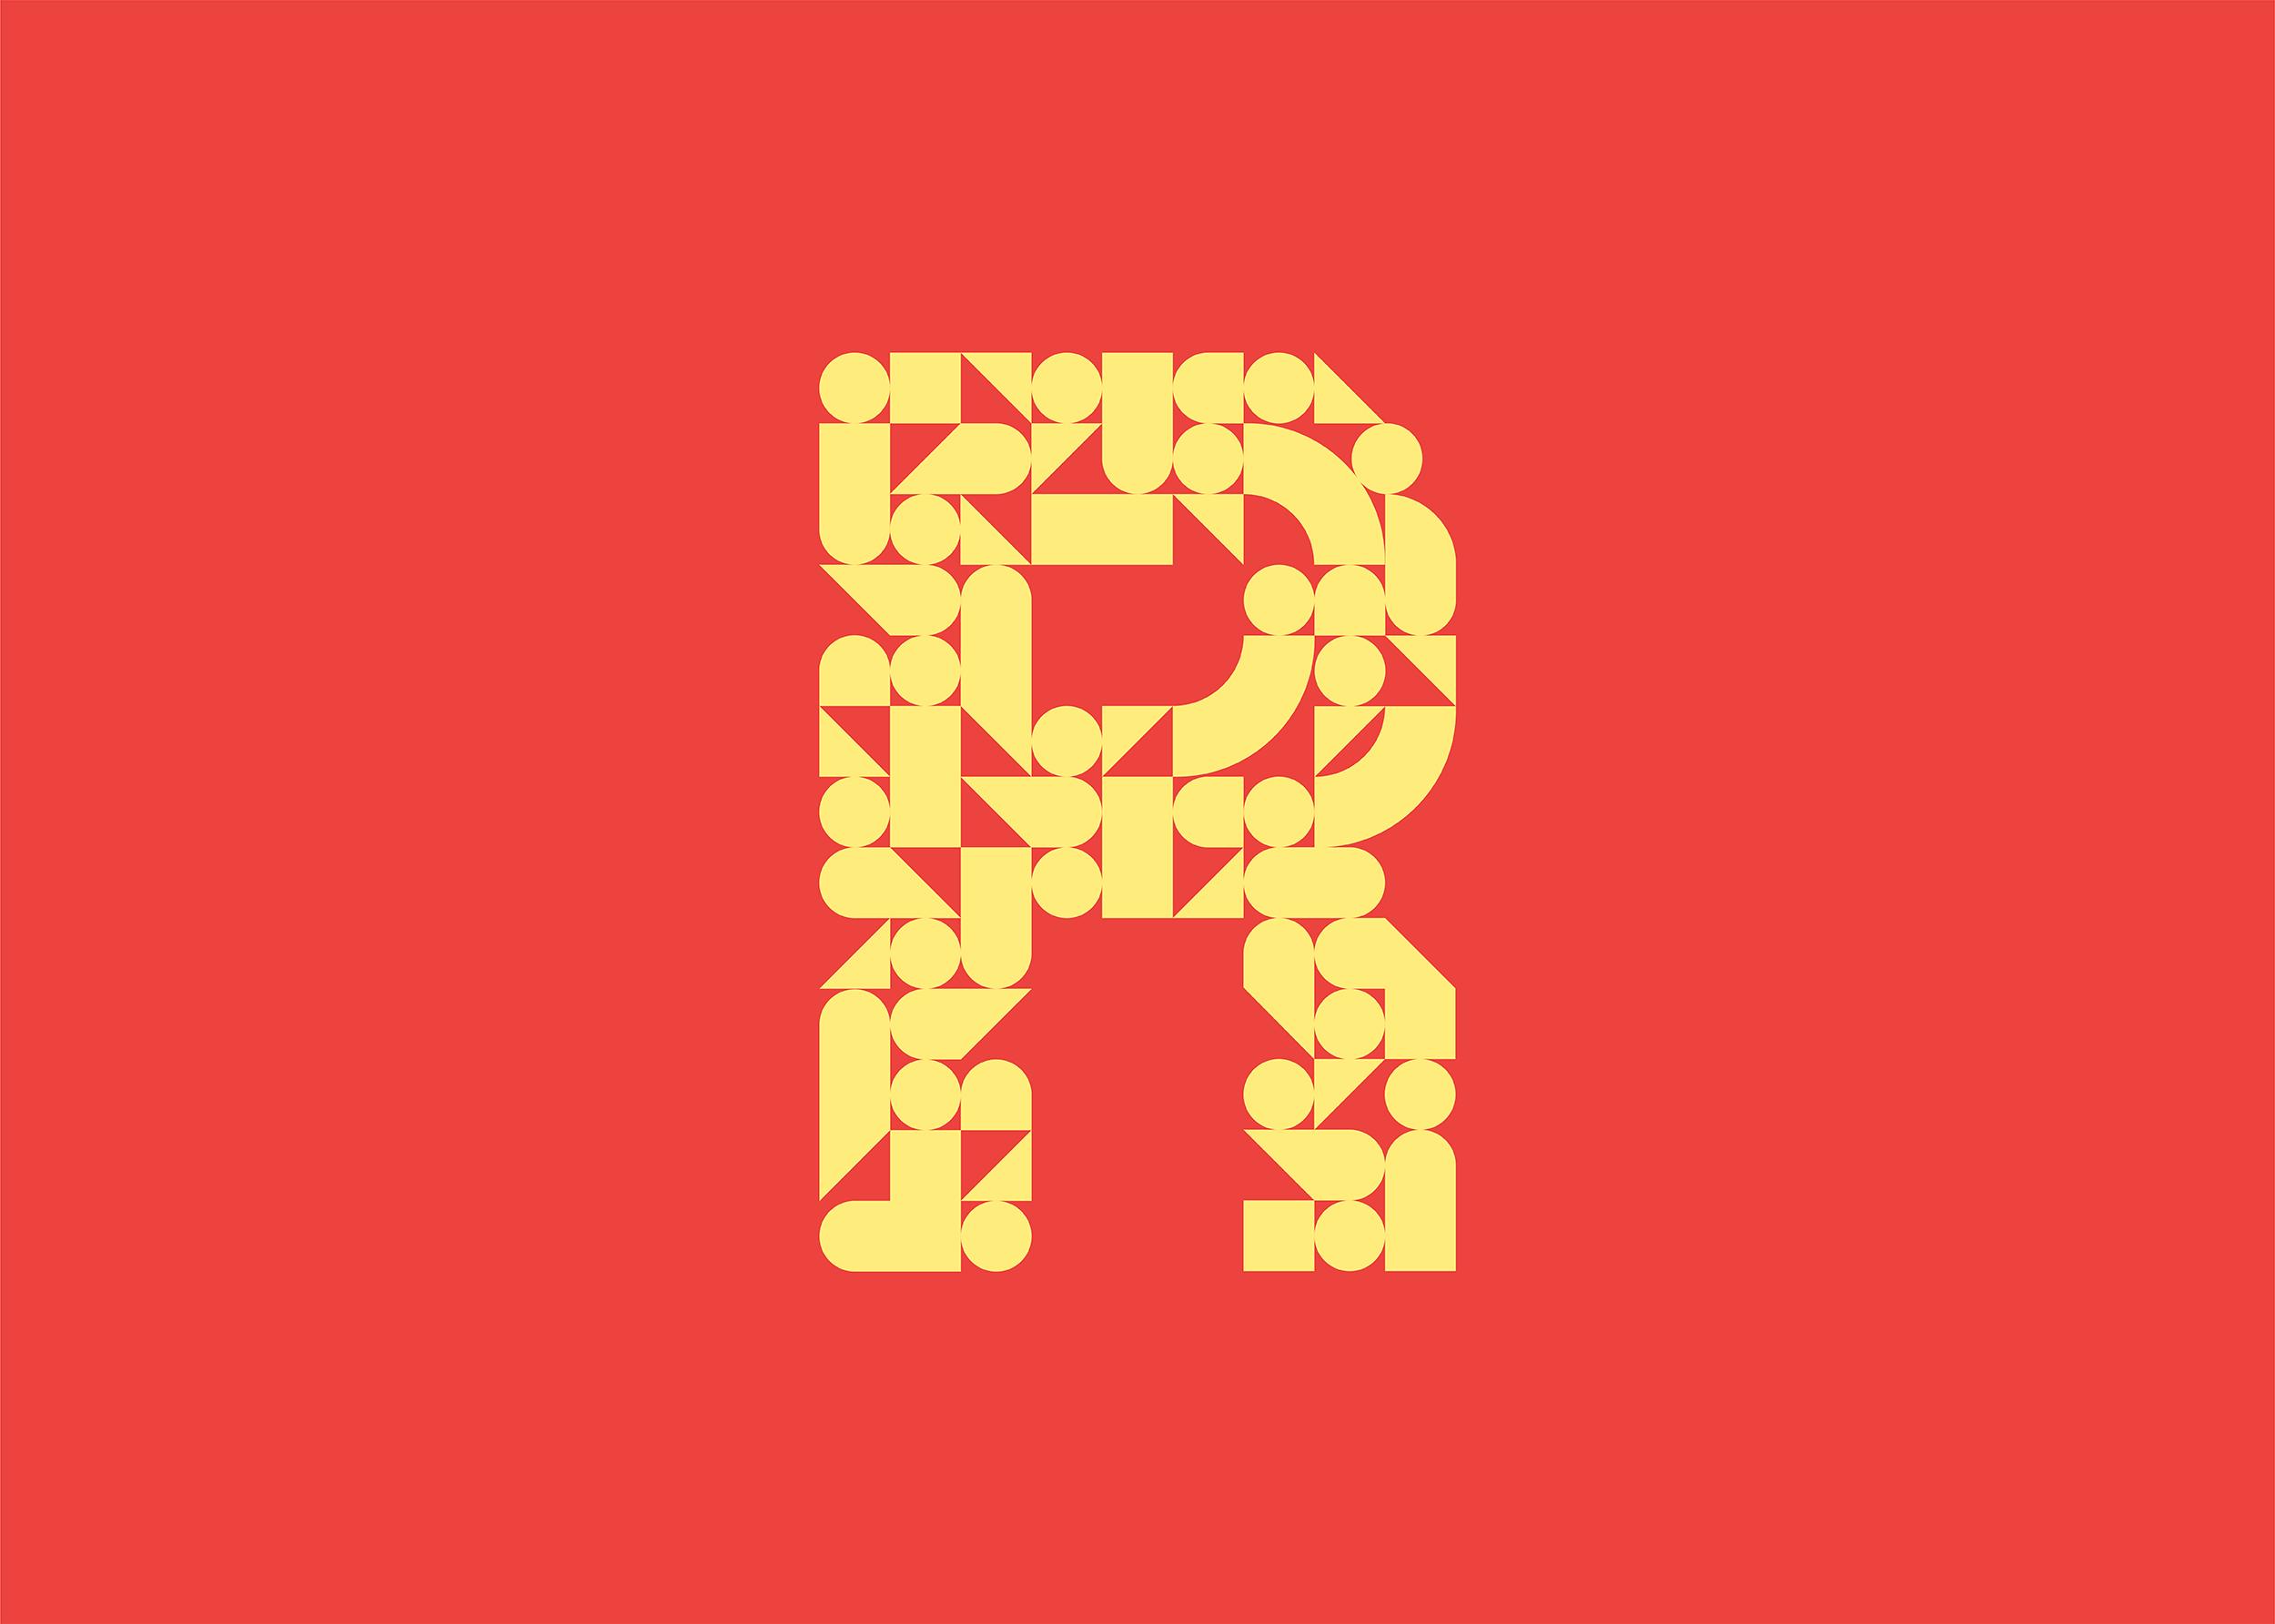 Alphabet Soup - R